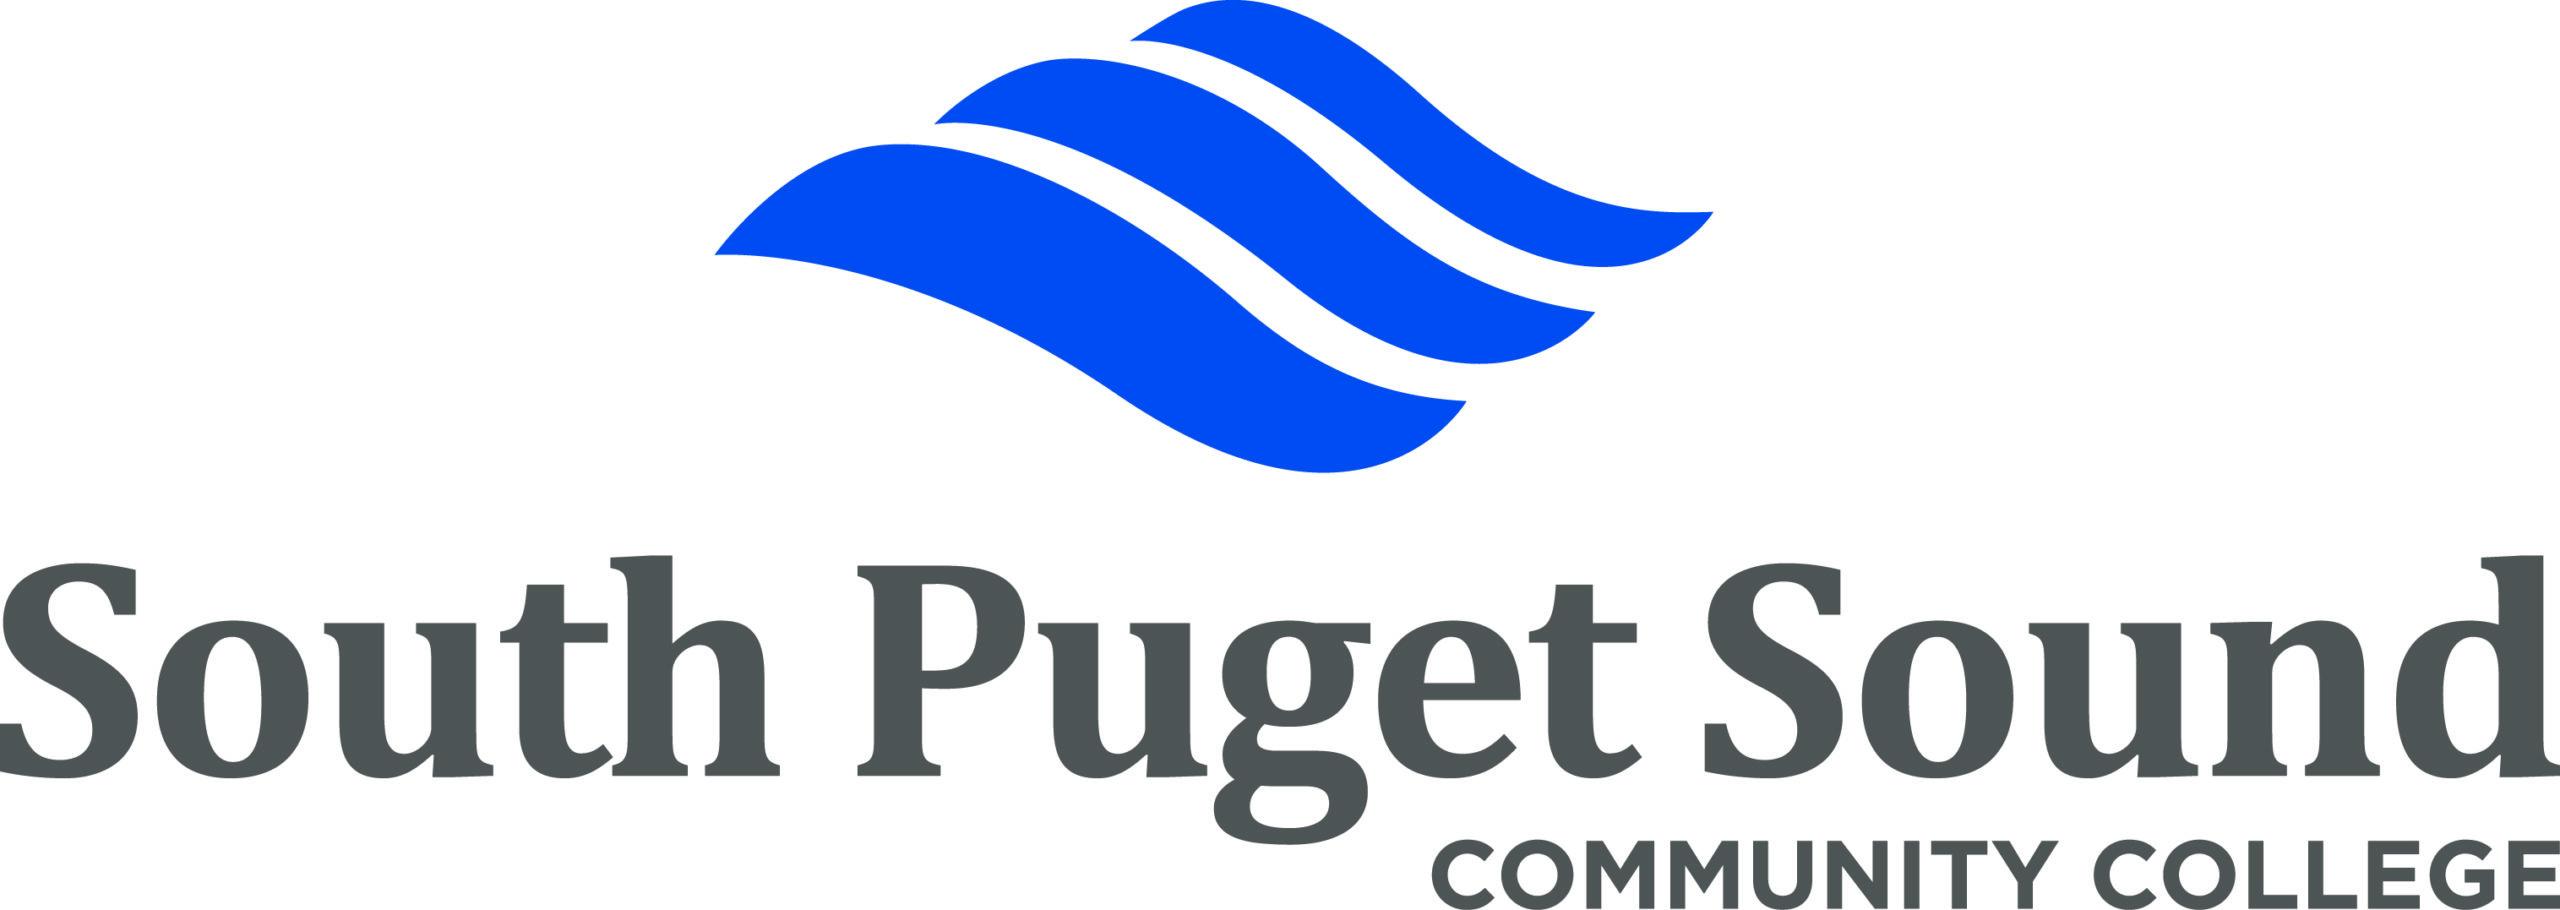 SPSCC_full logo